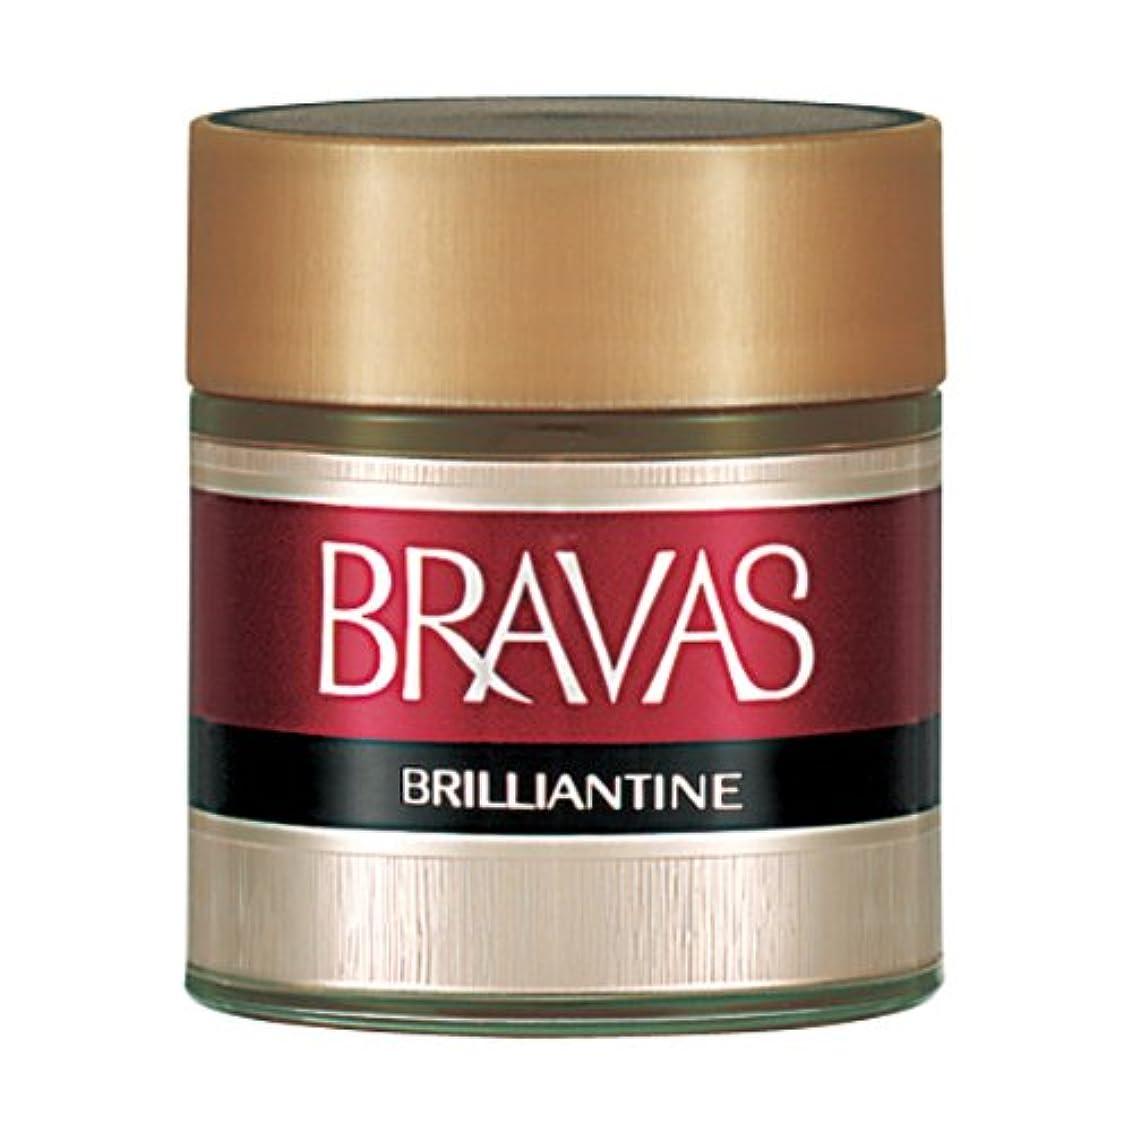 適応する排他的グラムブラバス ブリランチン 85g